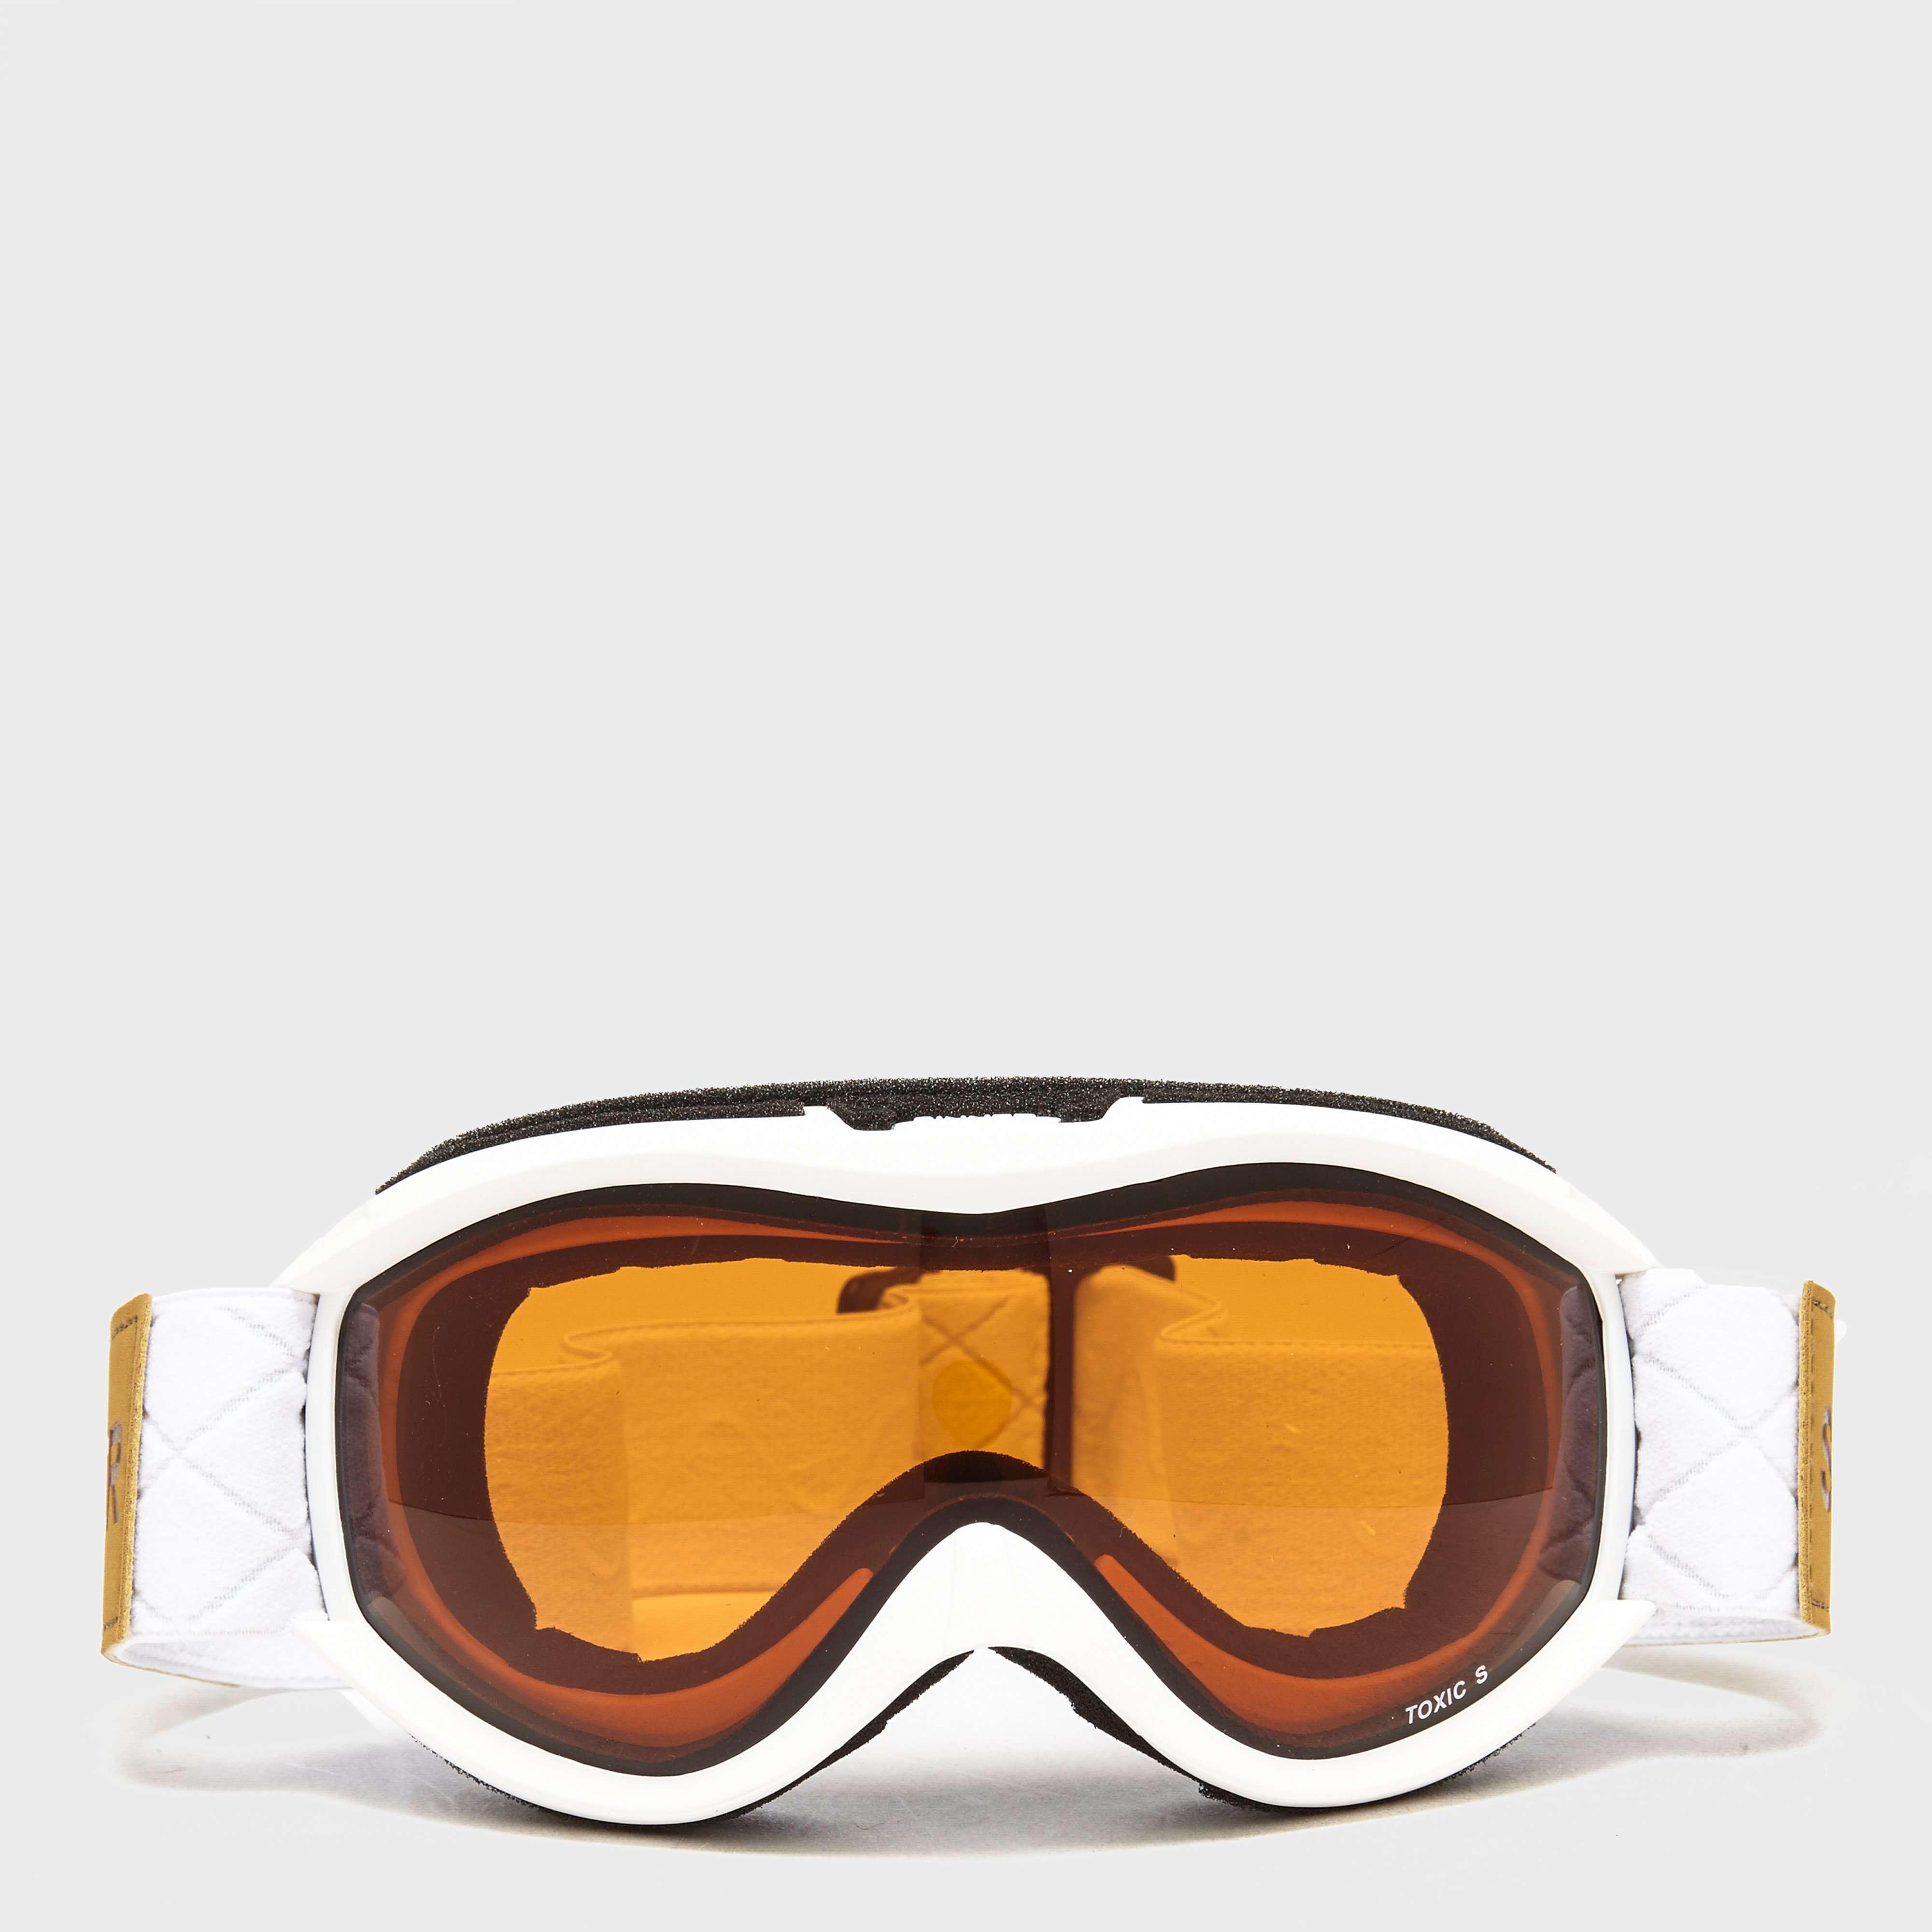 SINNER Kids' Toxic Snowsports Goggles